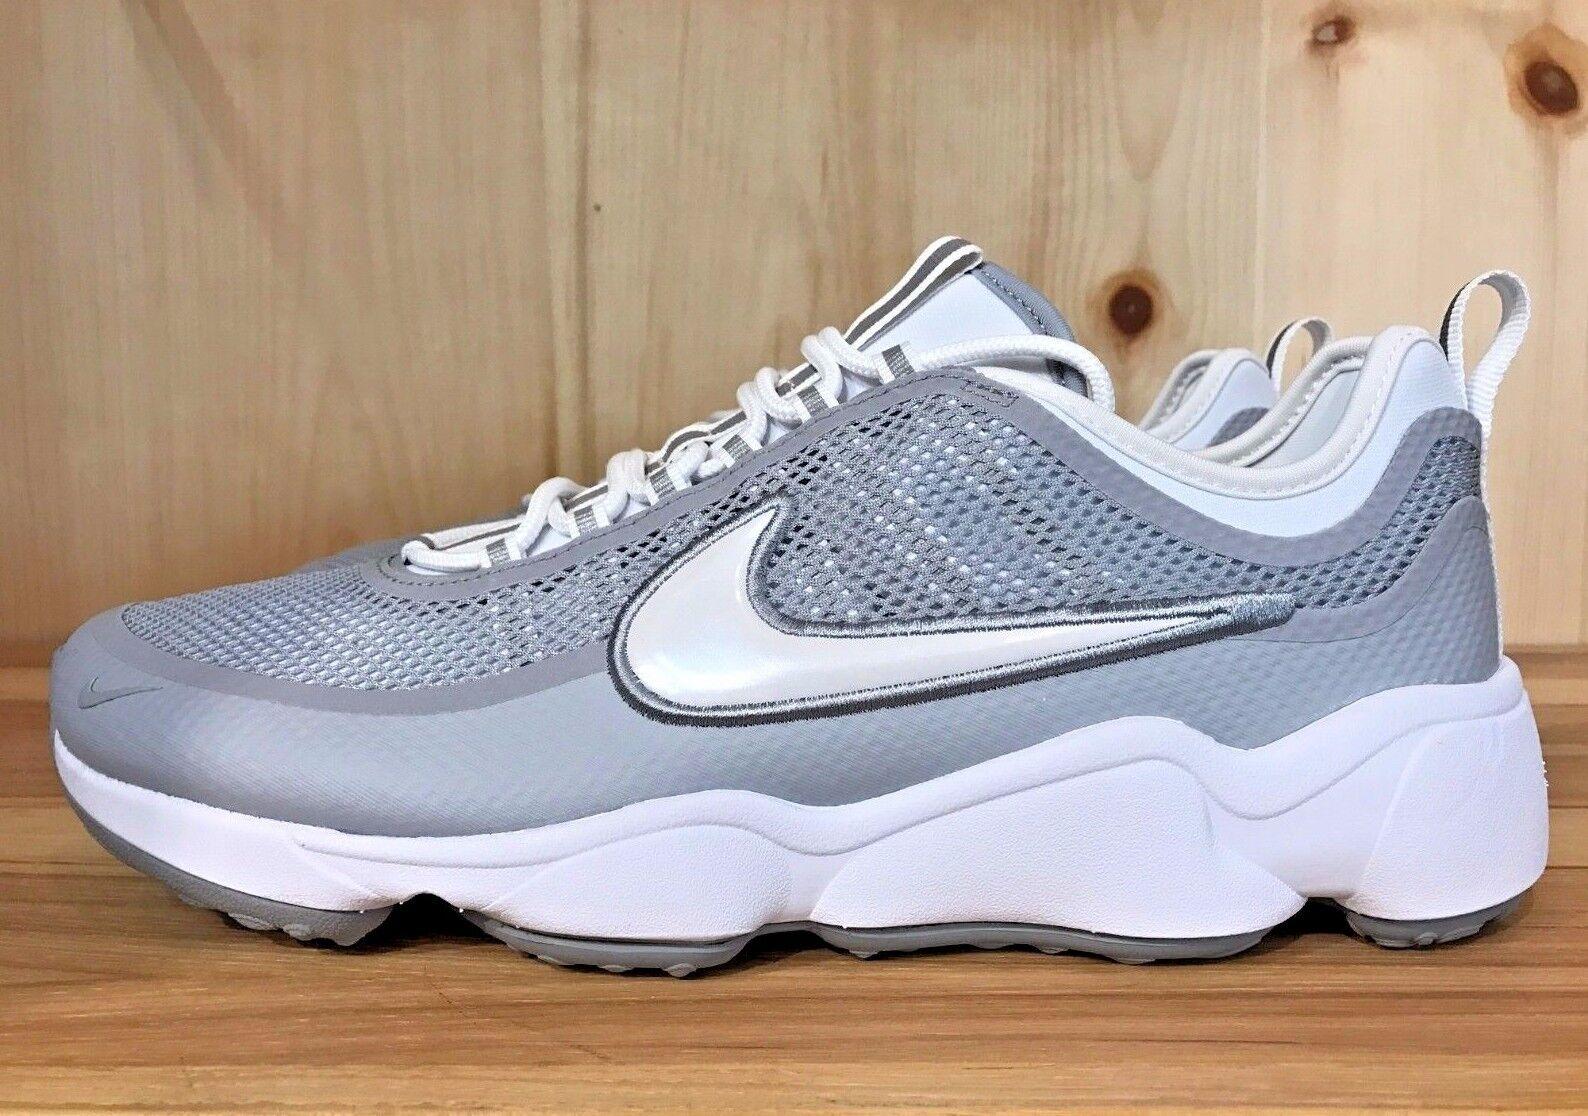 Nike zoom spiridon lupo bianco grigio formazione degli uomini 876267-100 dimensioni 8 - 10